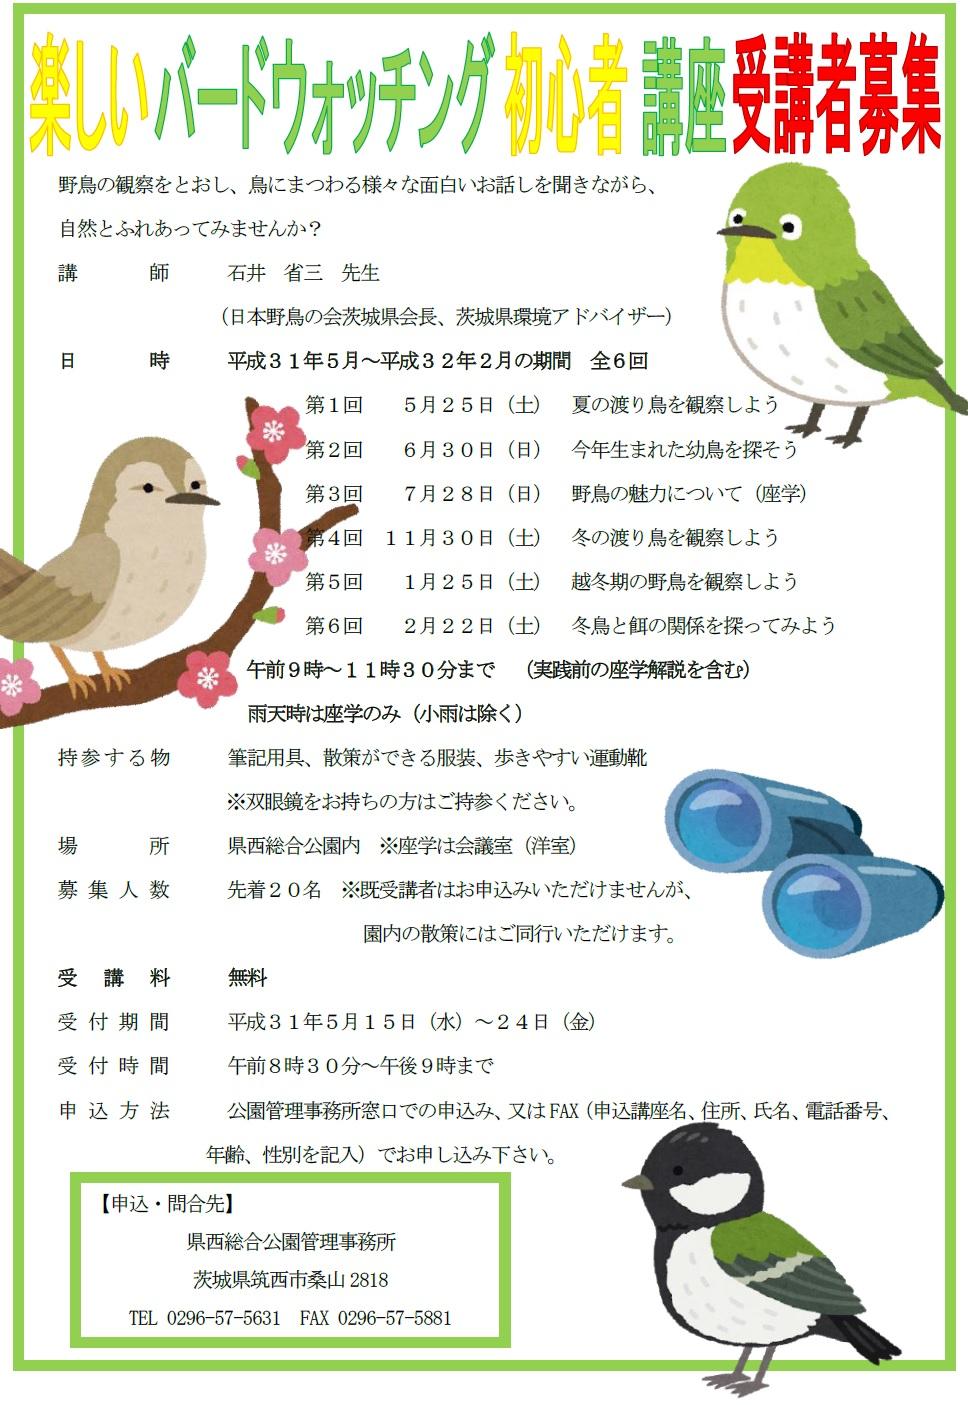 『県西総合公園バード』の画像